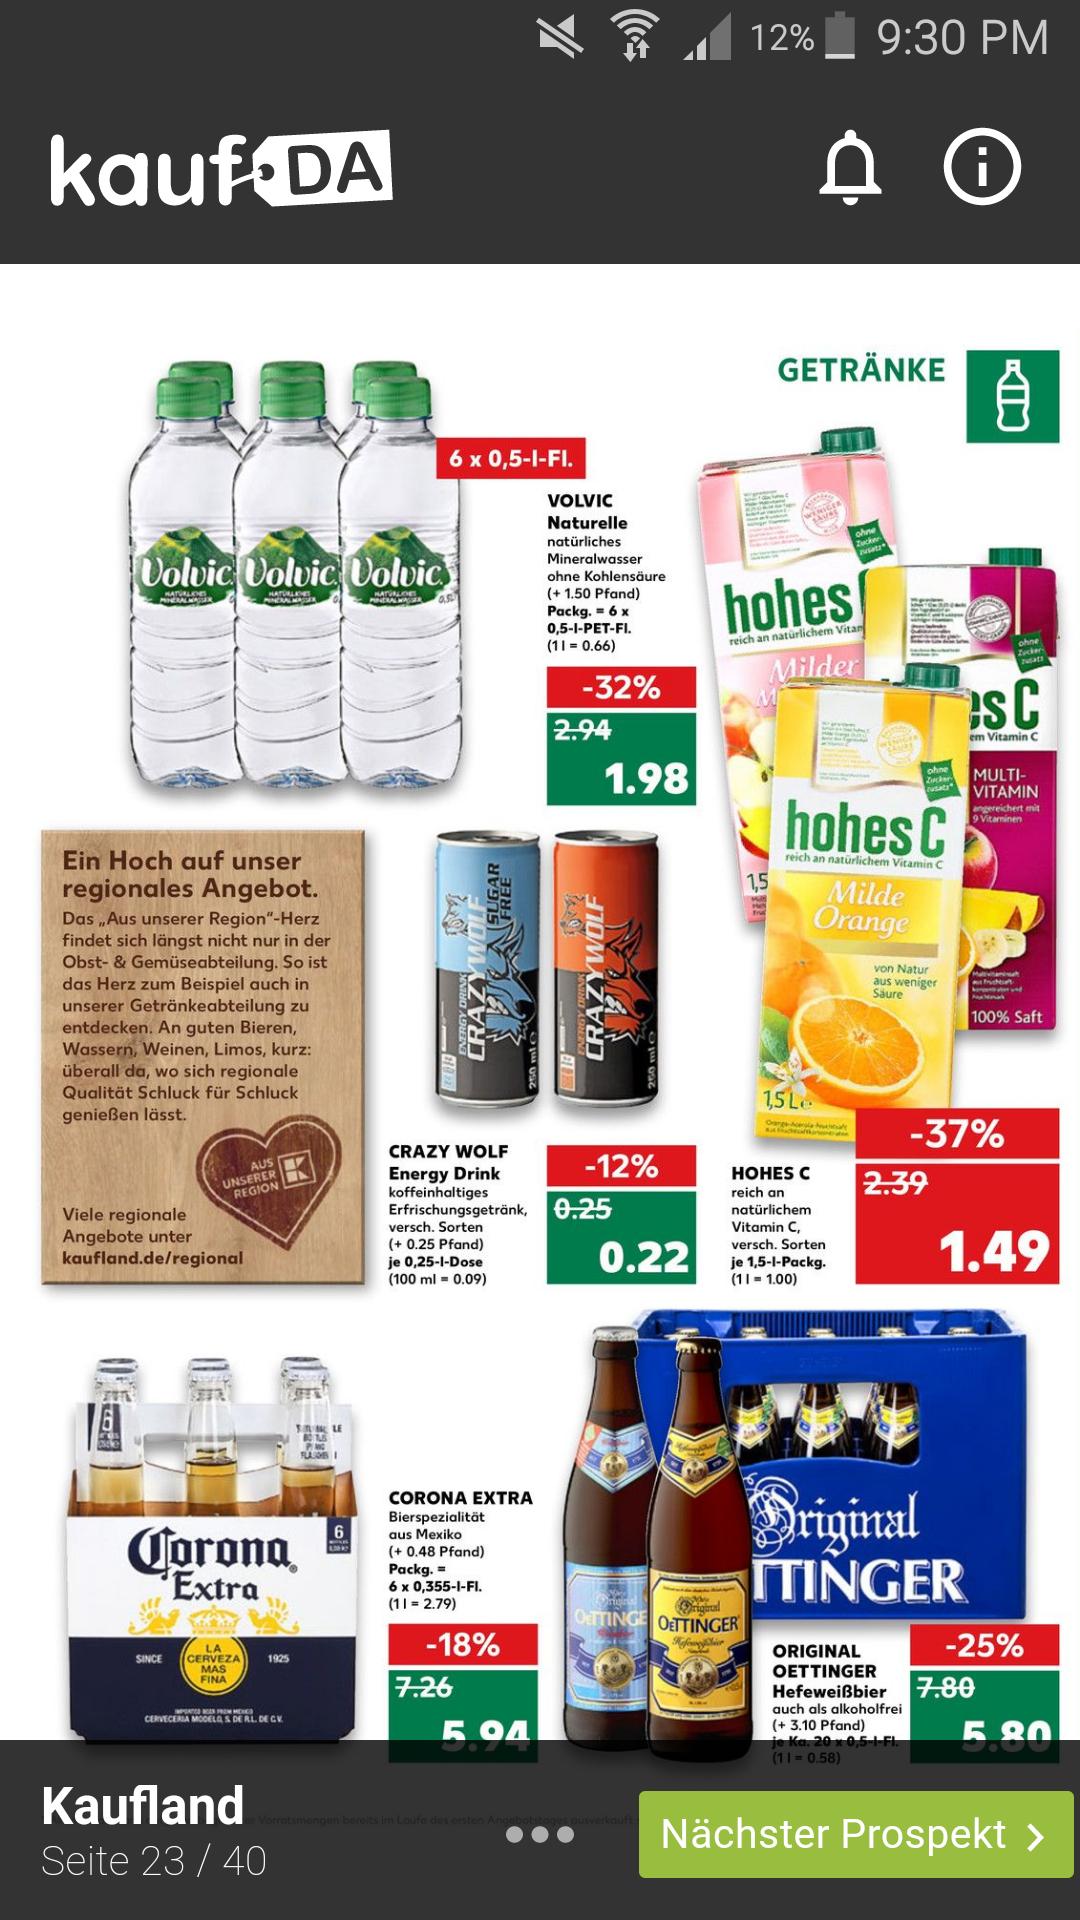 [Kaufland] Hohes C 1,5L für 1.49€ (verschiedene Sorten)